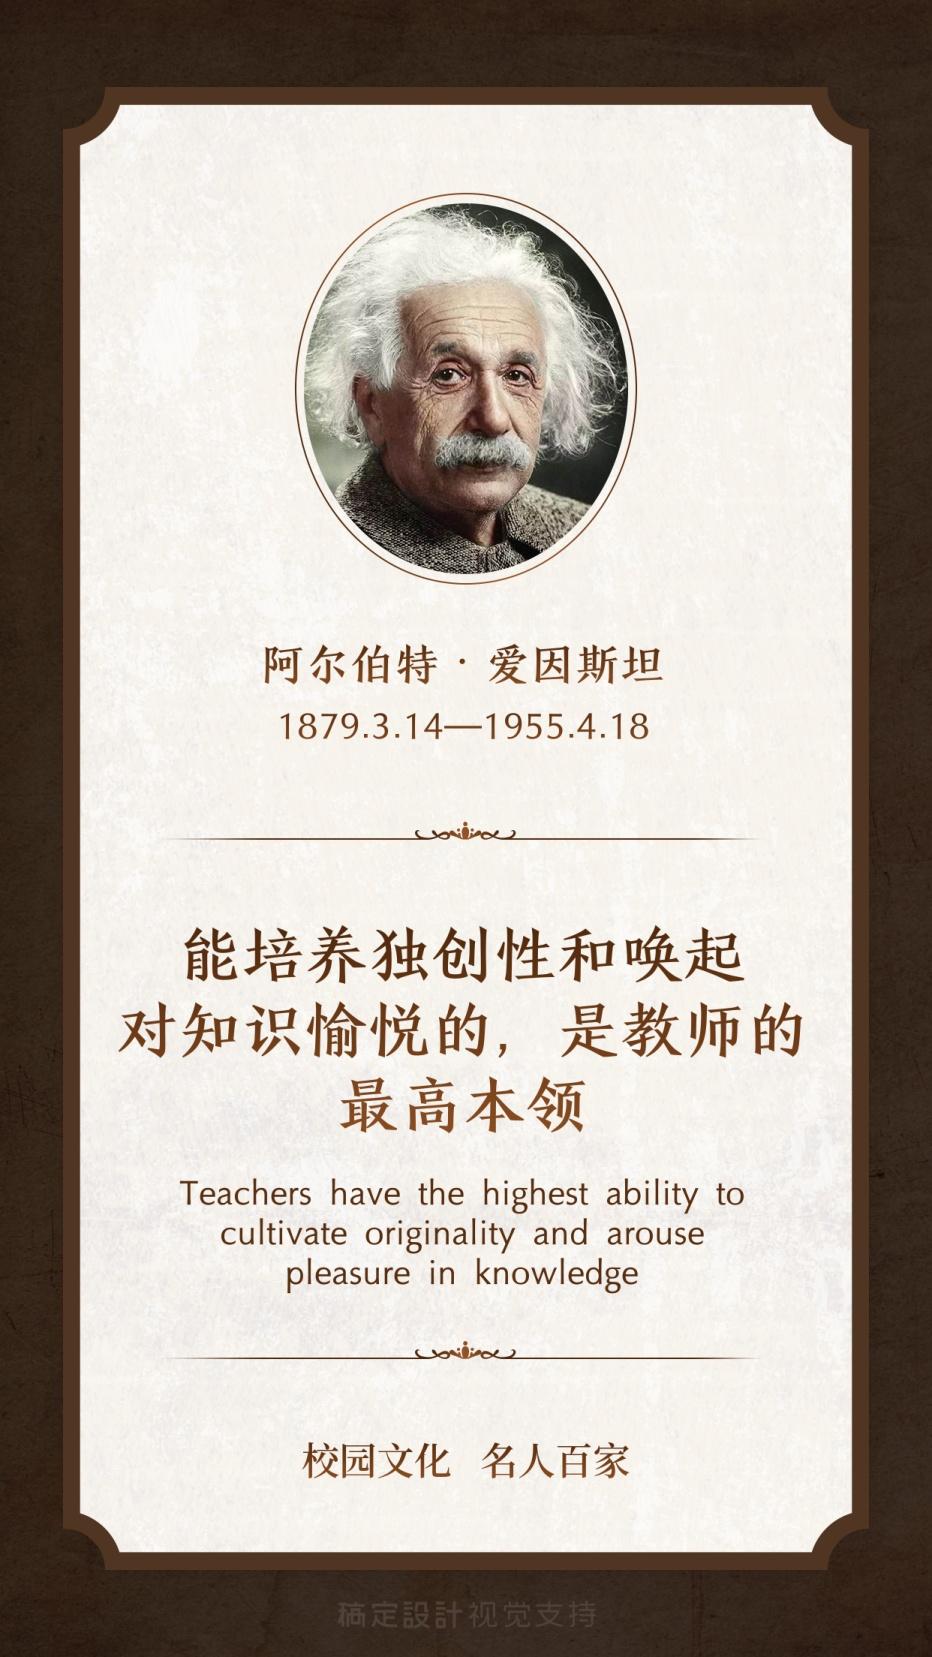 校园文化教育理念宣传海报